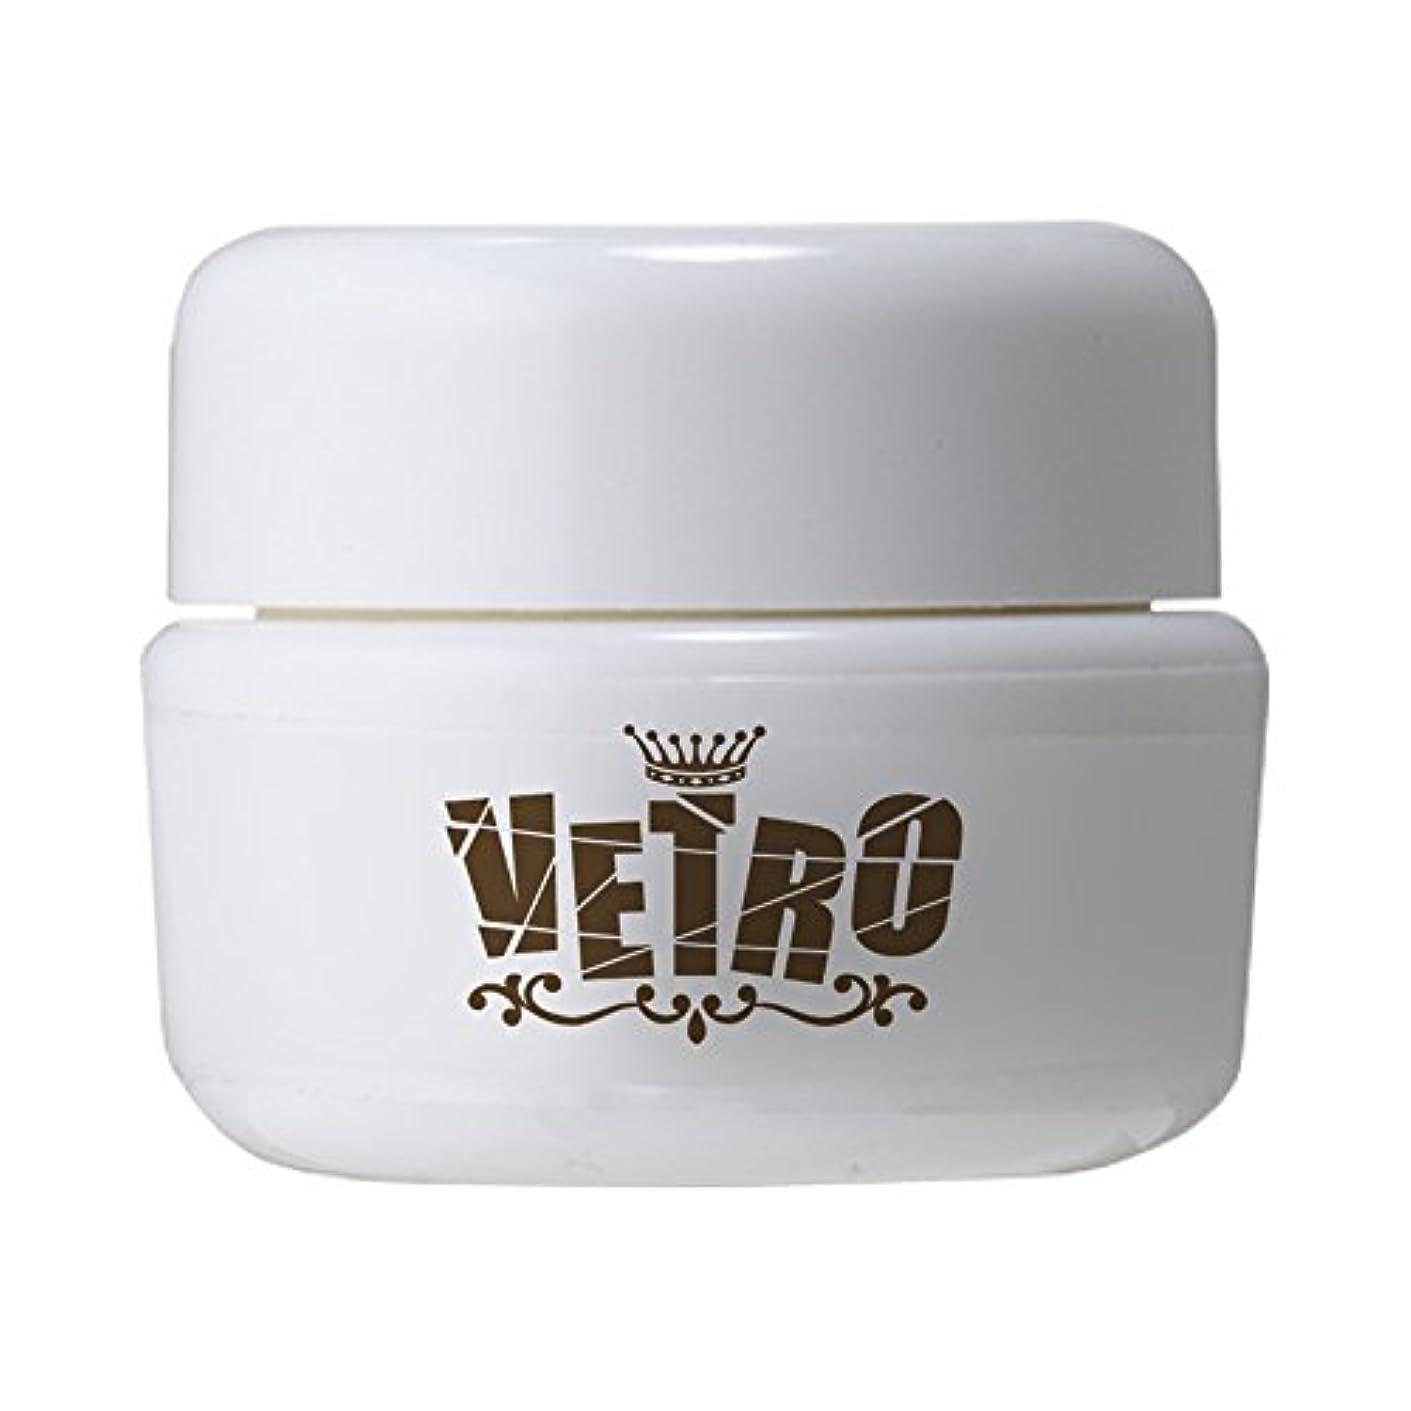 方法論不機嫌永久VETRO No.19 カラージェル パール VL008 ロイヤルミルクティー 4ml